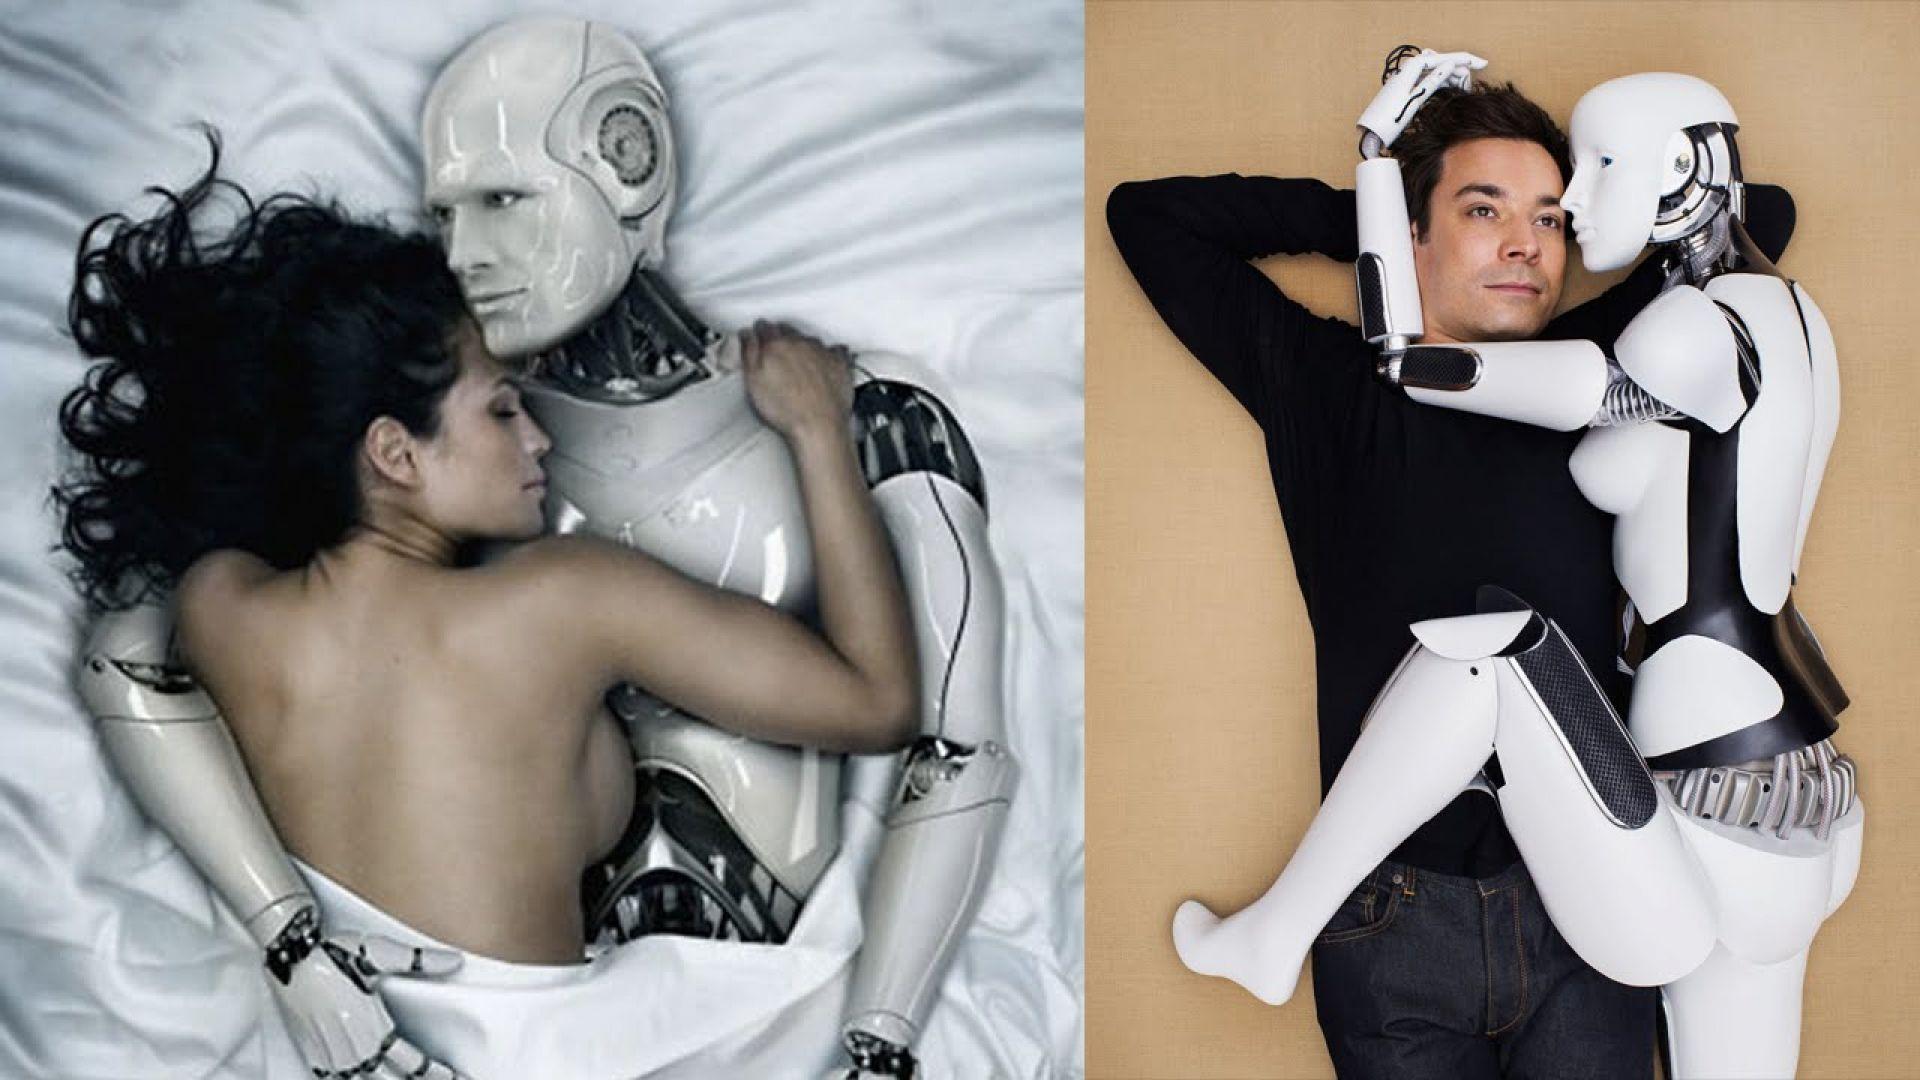 Роботите могат да имат различни персоналности